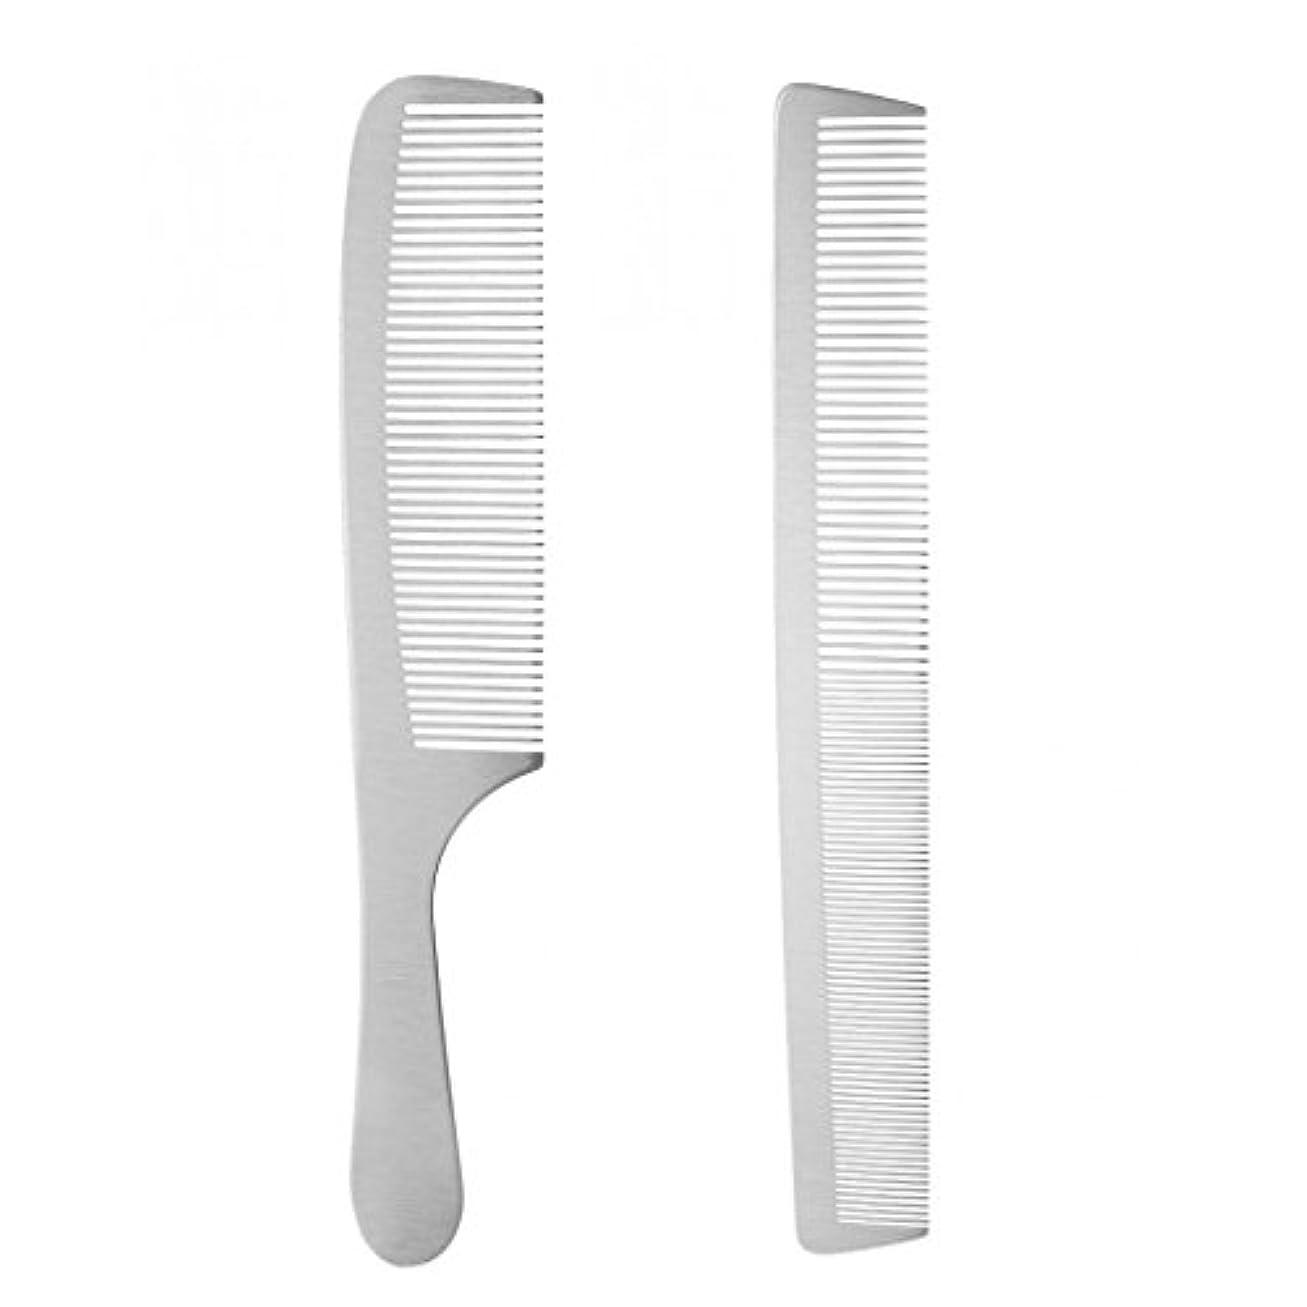 養う雷雨あなたが良くなりますHomyl 2個 ヘアカットコーム 櫛 ヘアブラシ ヘアスタイリング ステンレス鋼 サロン 理髪師 カッティング プロ 高品質